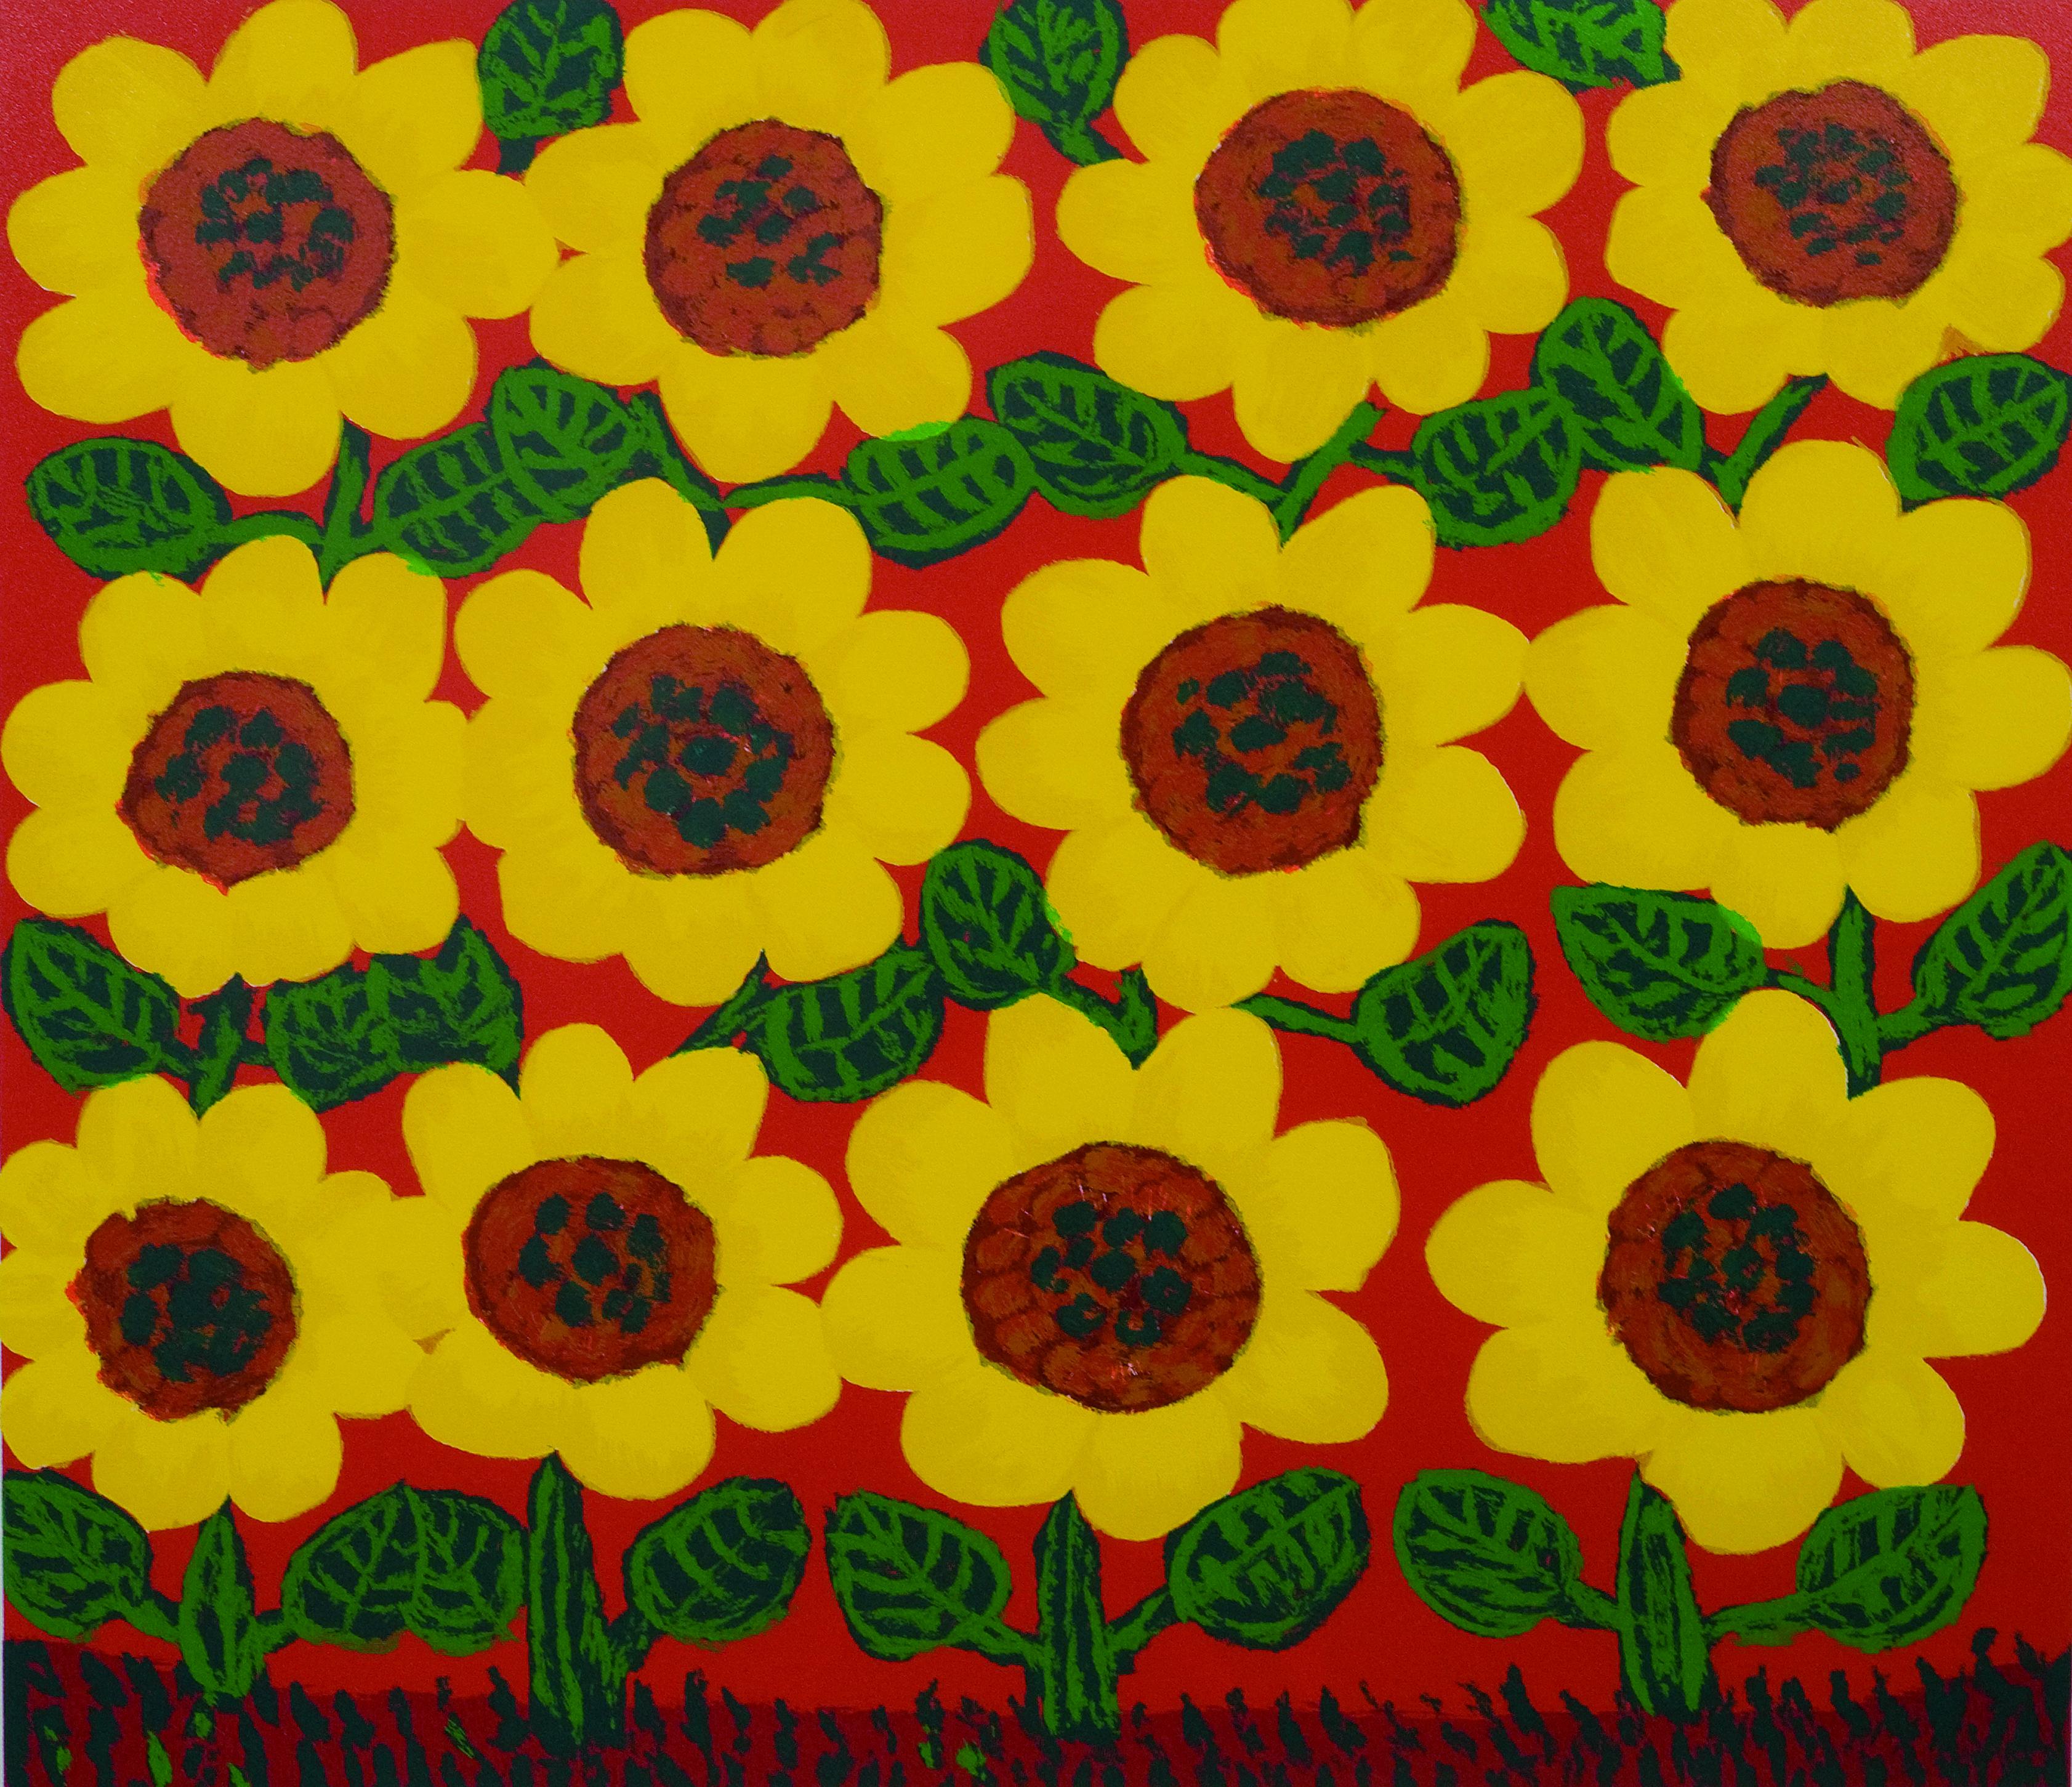 Girassol Autor: Antônio Poteiro Técnica: Serigrafia (91/120) Dimensões: 70cm x 70cm